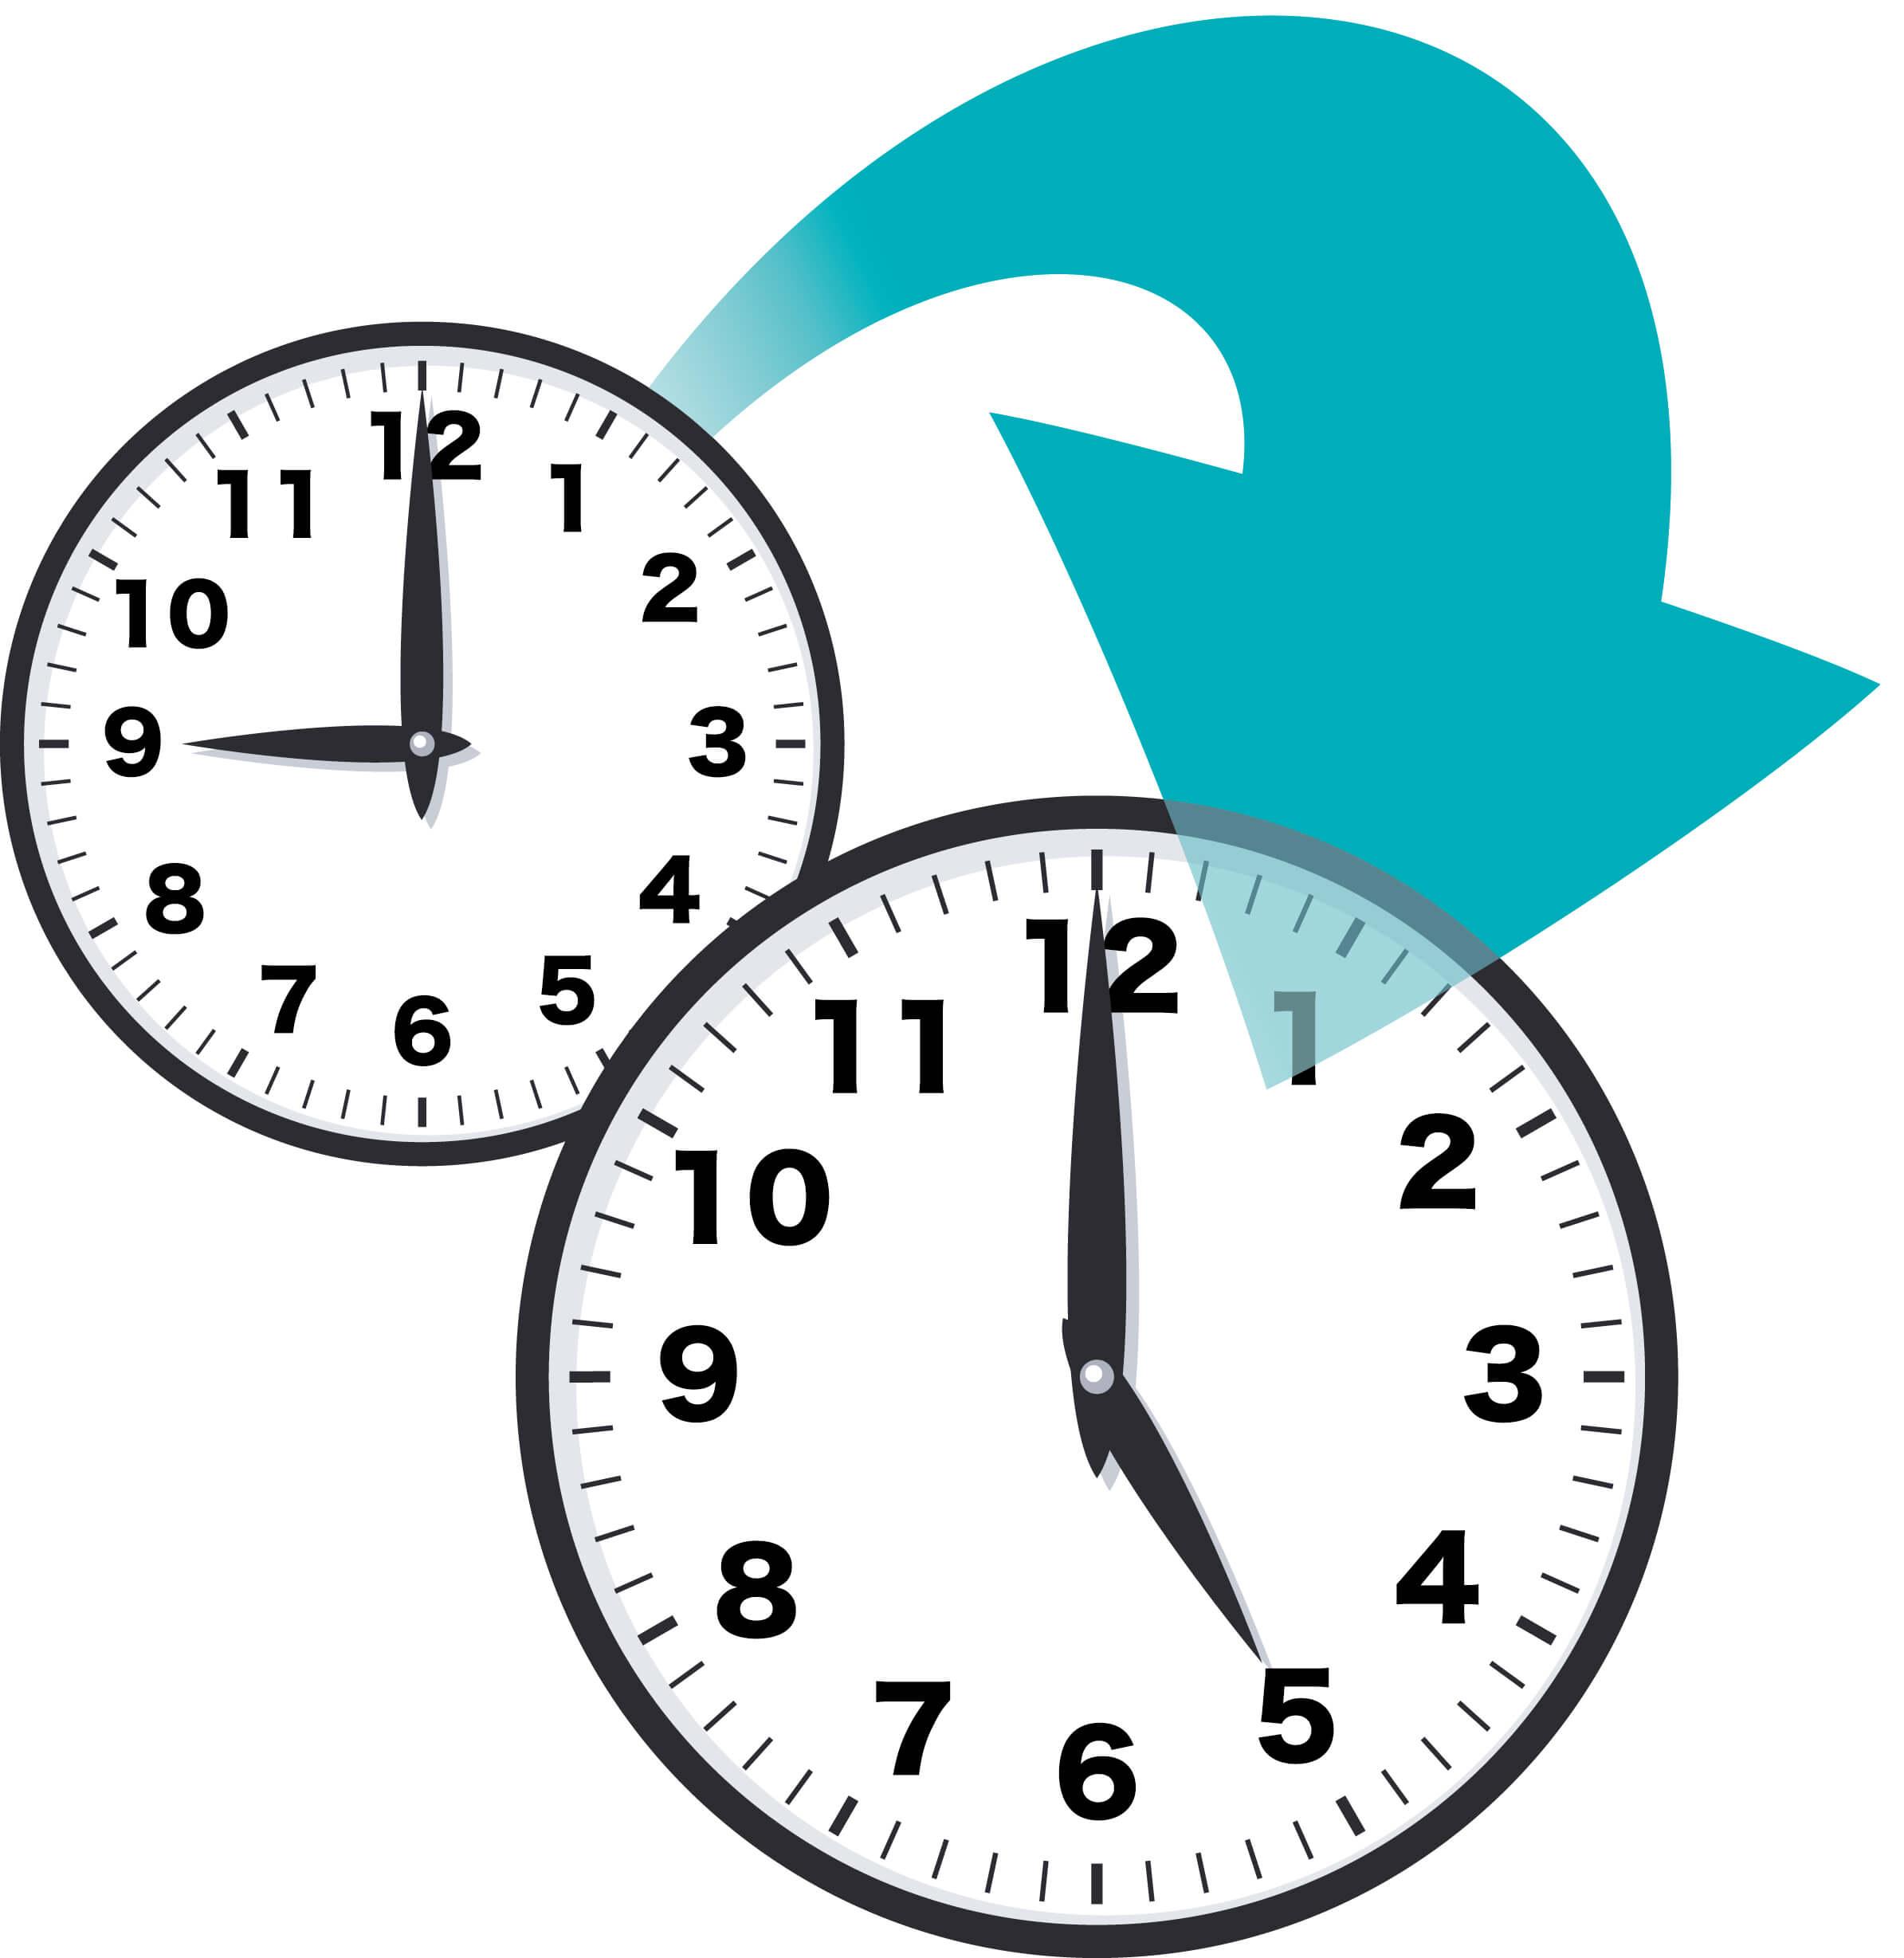 サイゼリヤのバイト勤務時間・シフトについて。休みの融通は利く?